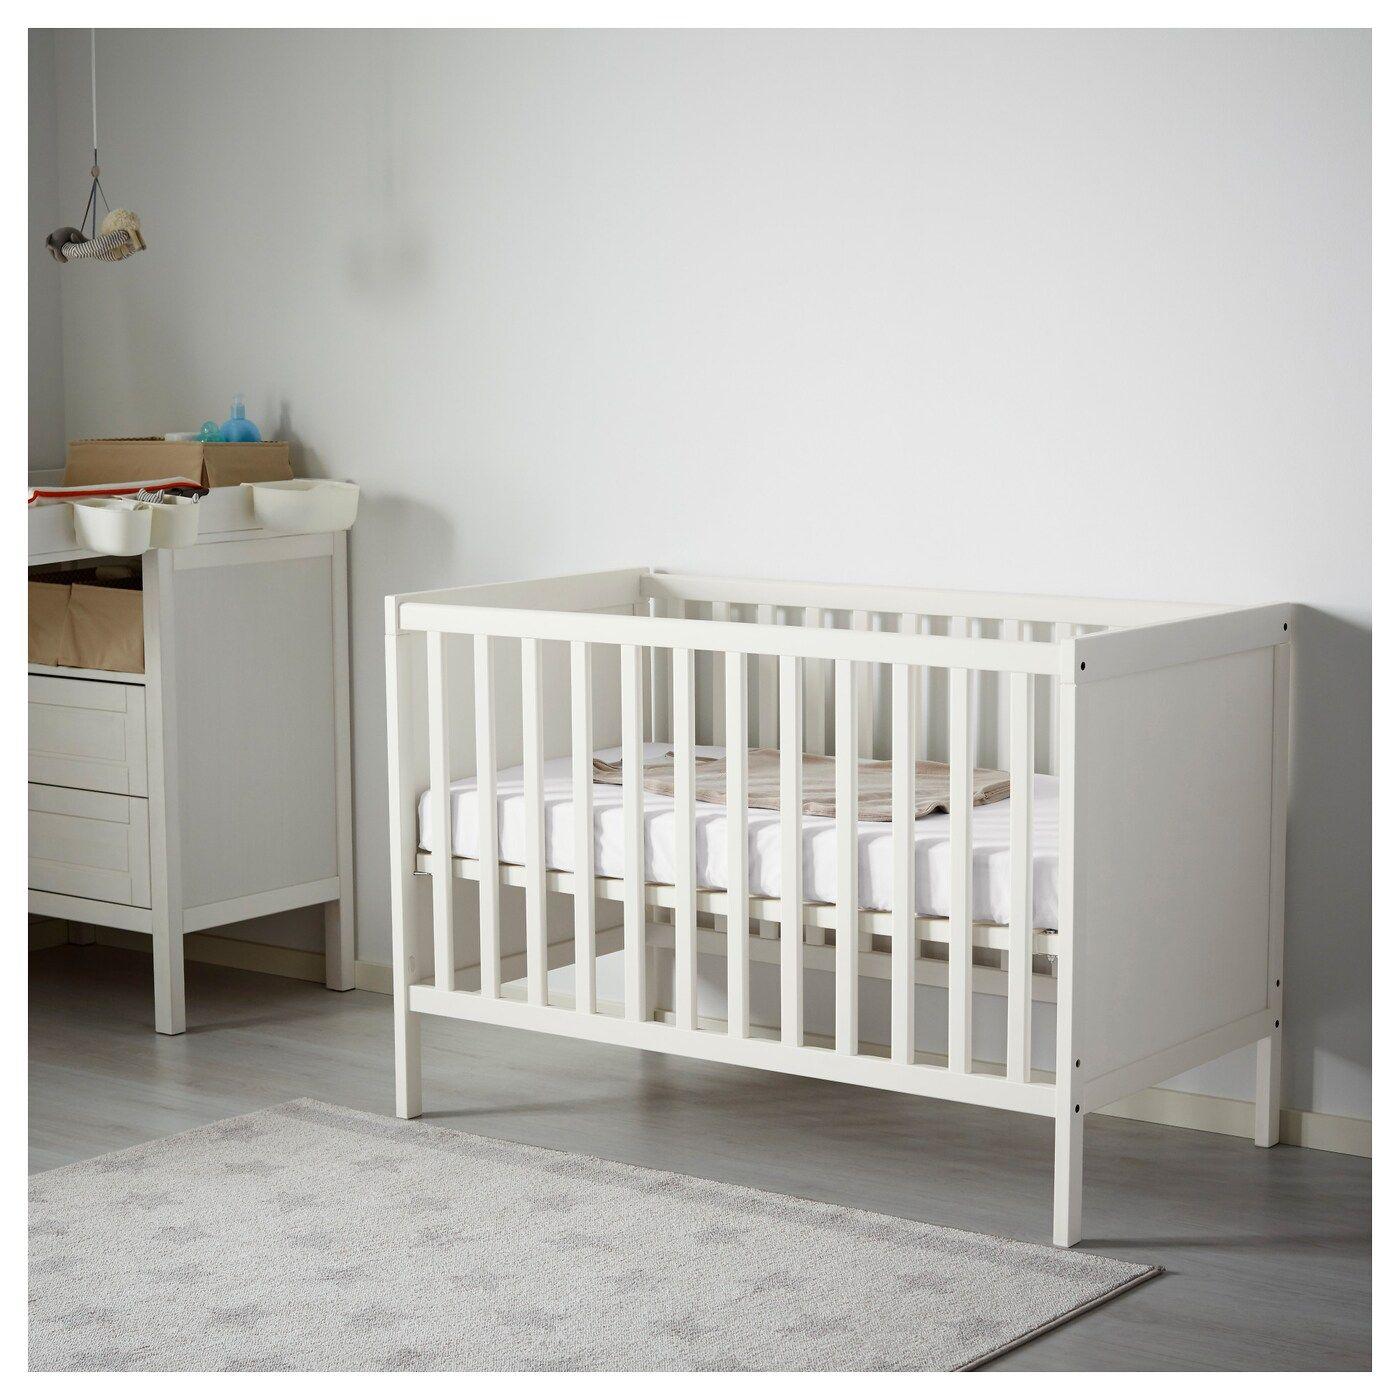 Sundvik Babybett Weiss Ikea Krippe Ikea Babybett Und Babybett